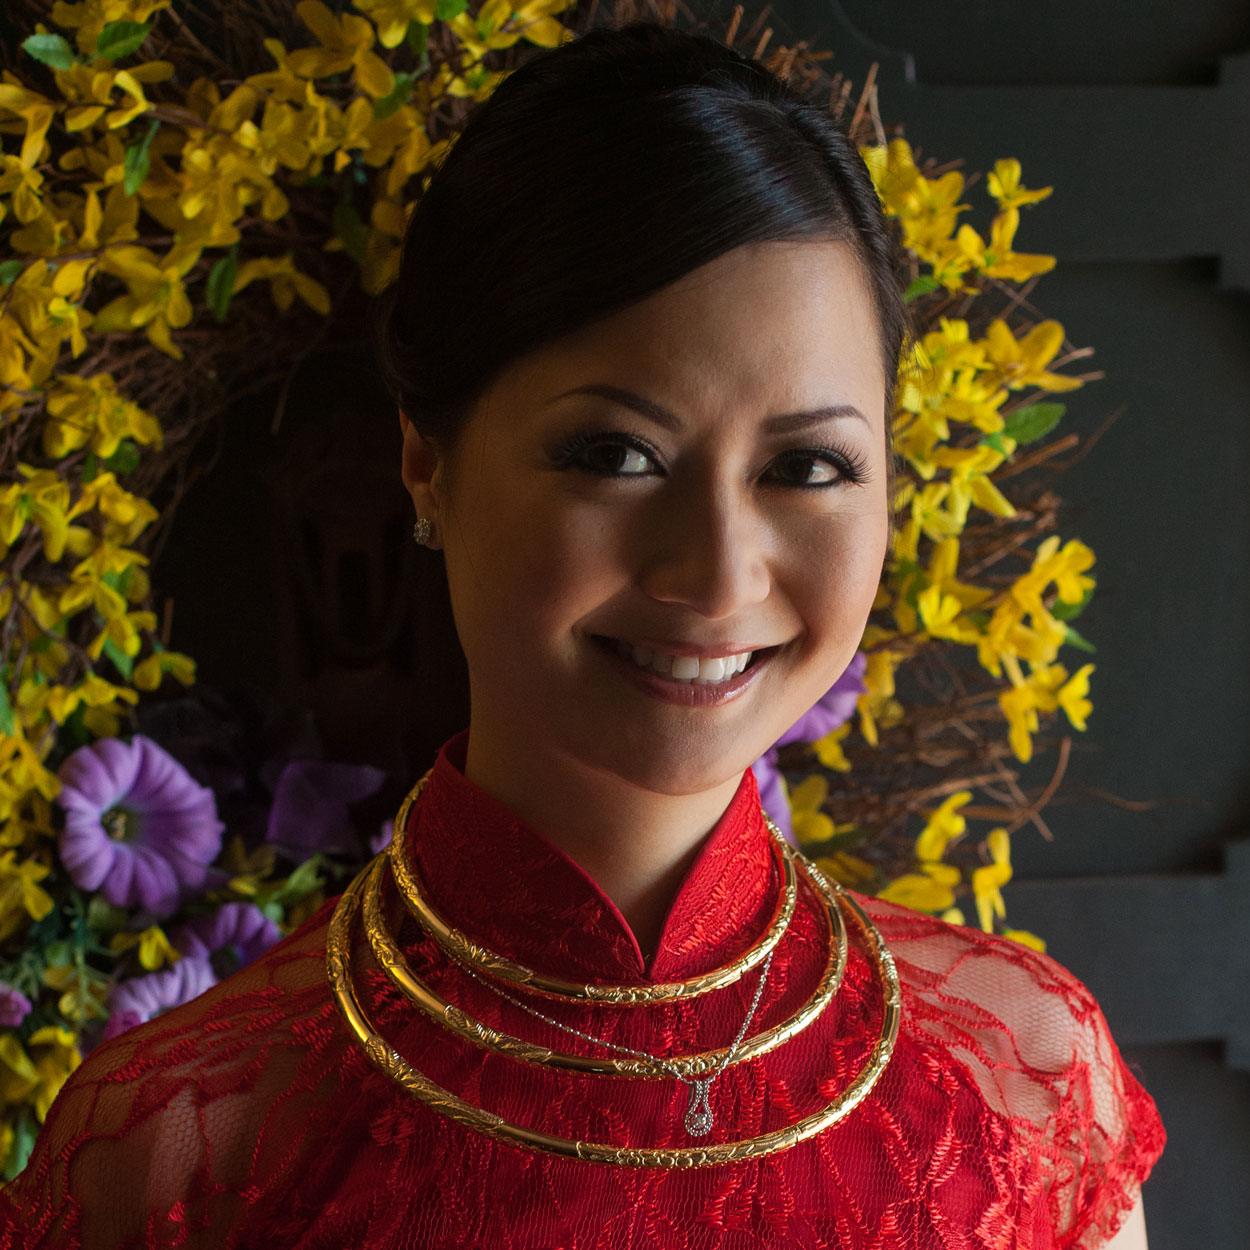 Vietnamese áo dài and jewelry (Kien)